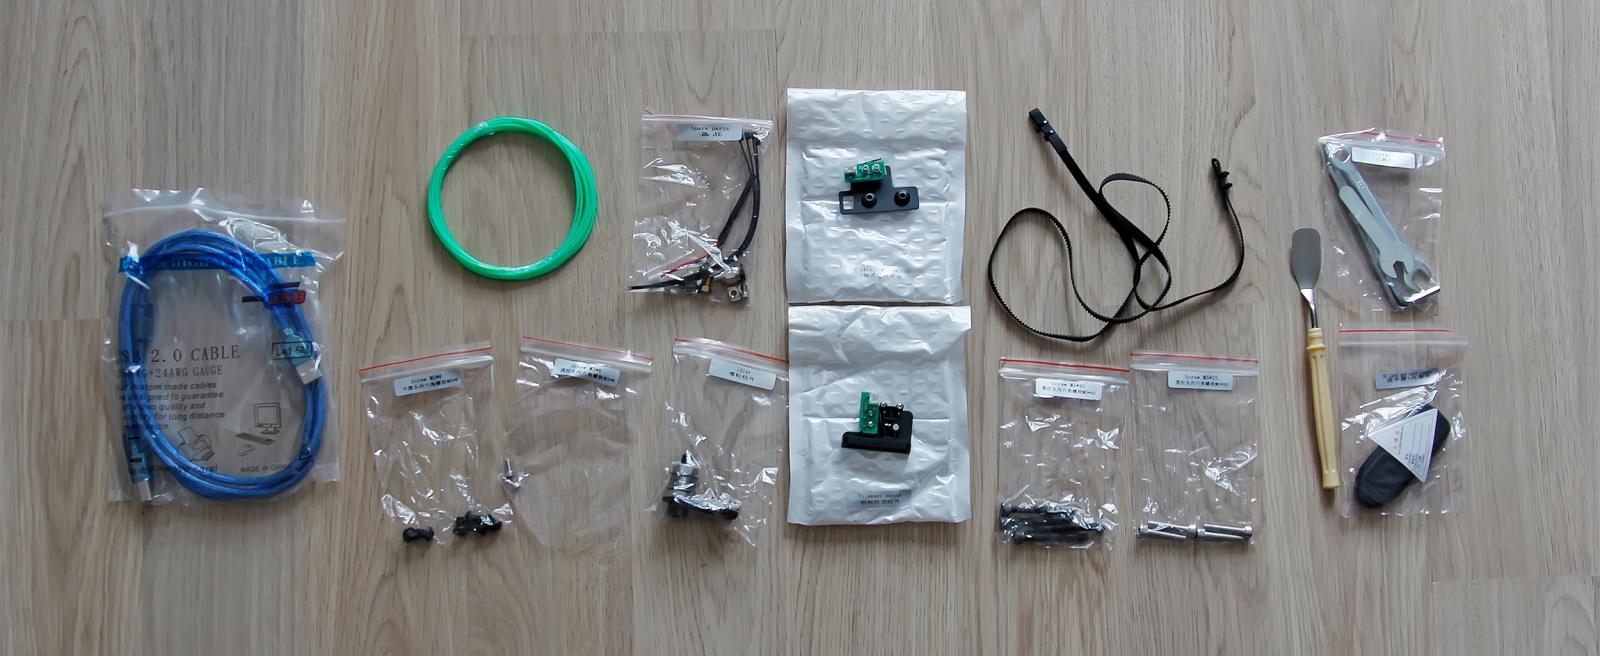 JG Maker — достойная альтернатива недорогим 3D-принтерам для начинающих - 6